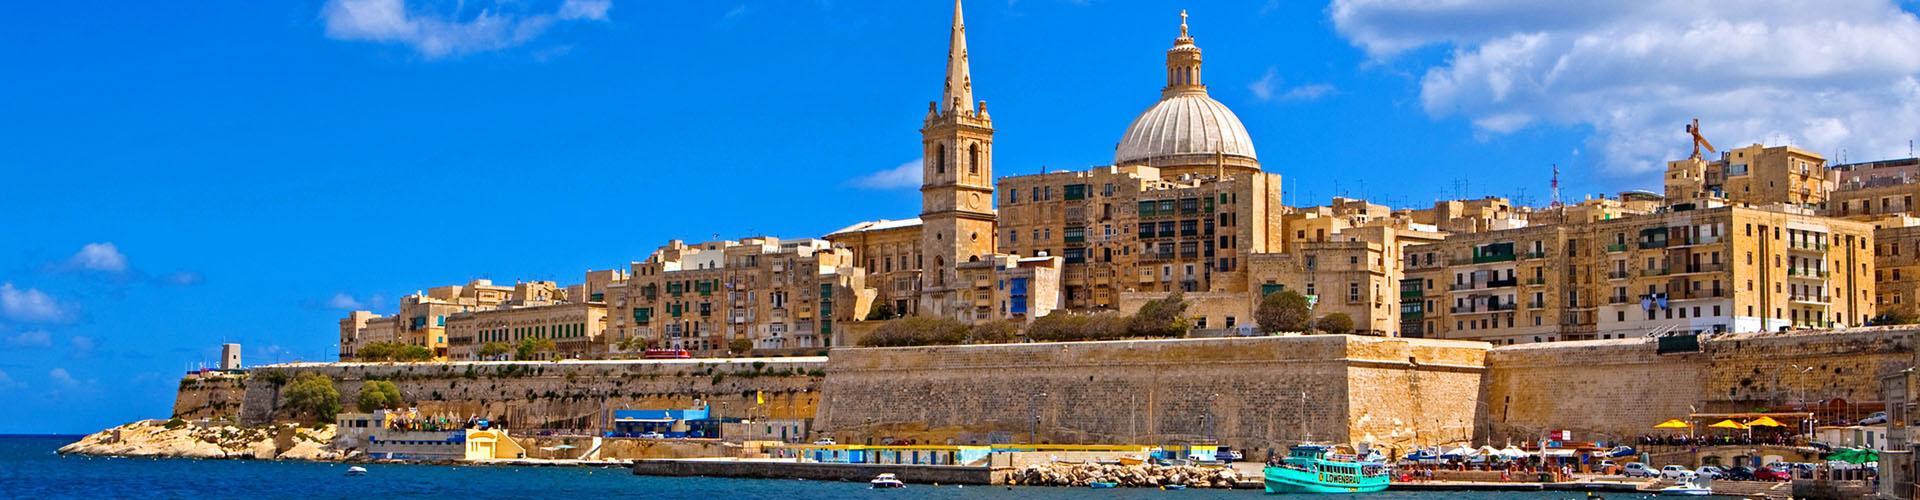 马耳他移民_马耳他投资移民条件_绿卡_费用信息